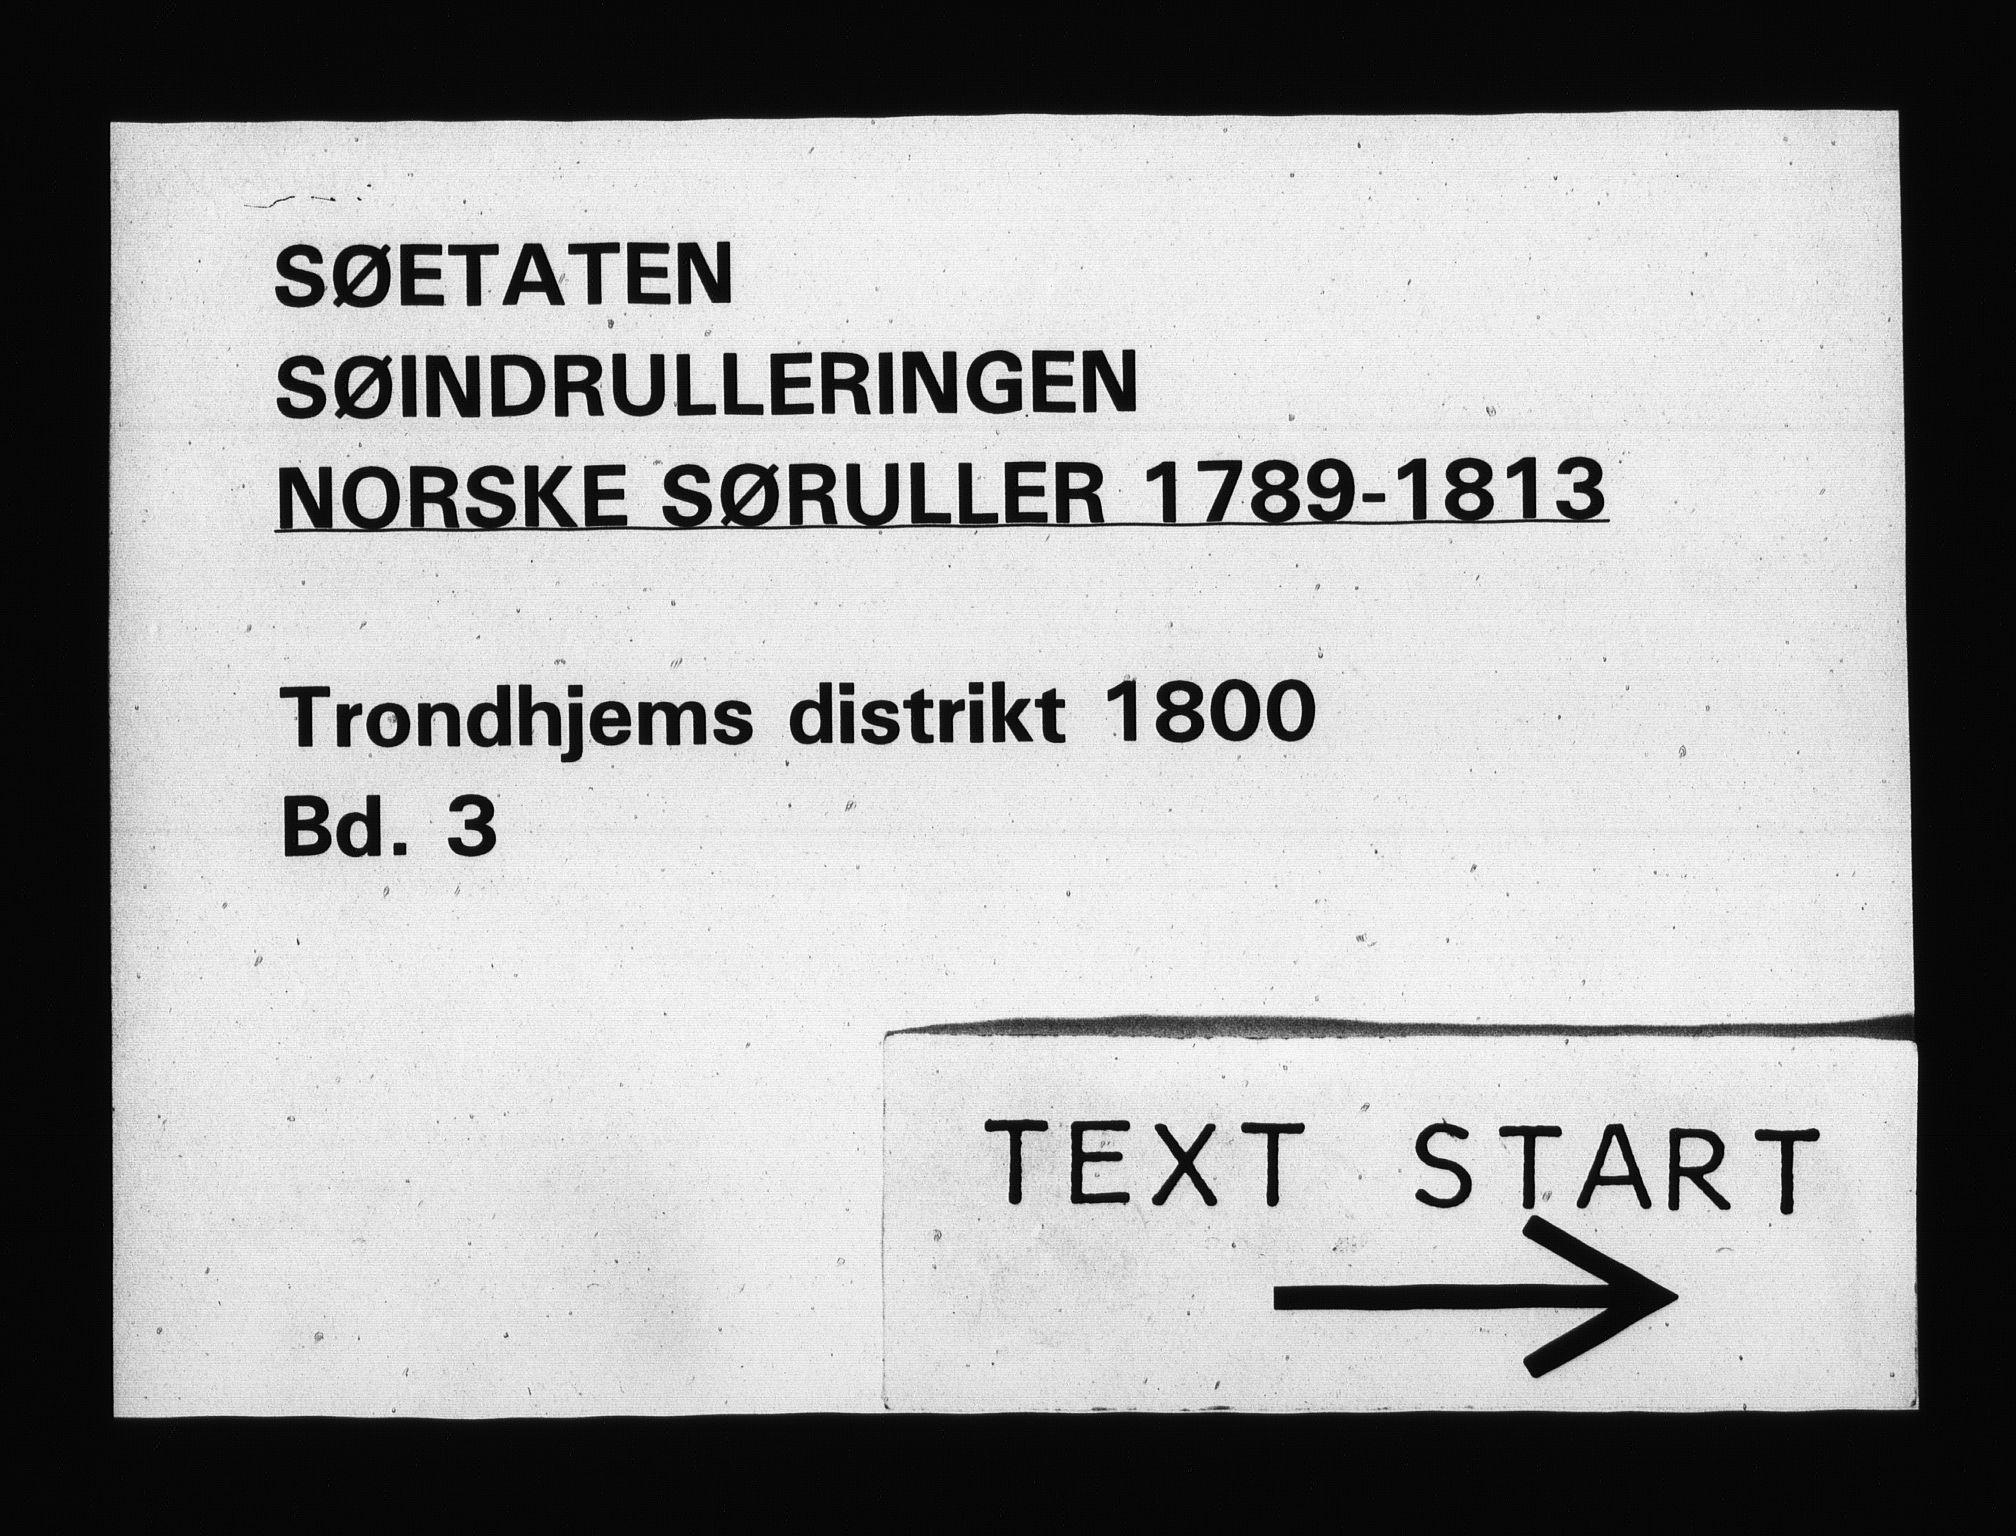 RA, Sjøetaten, F/L0320: Trondheim distrikt, bind 3, 1800